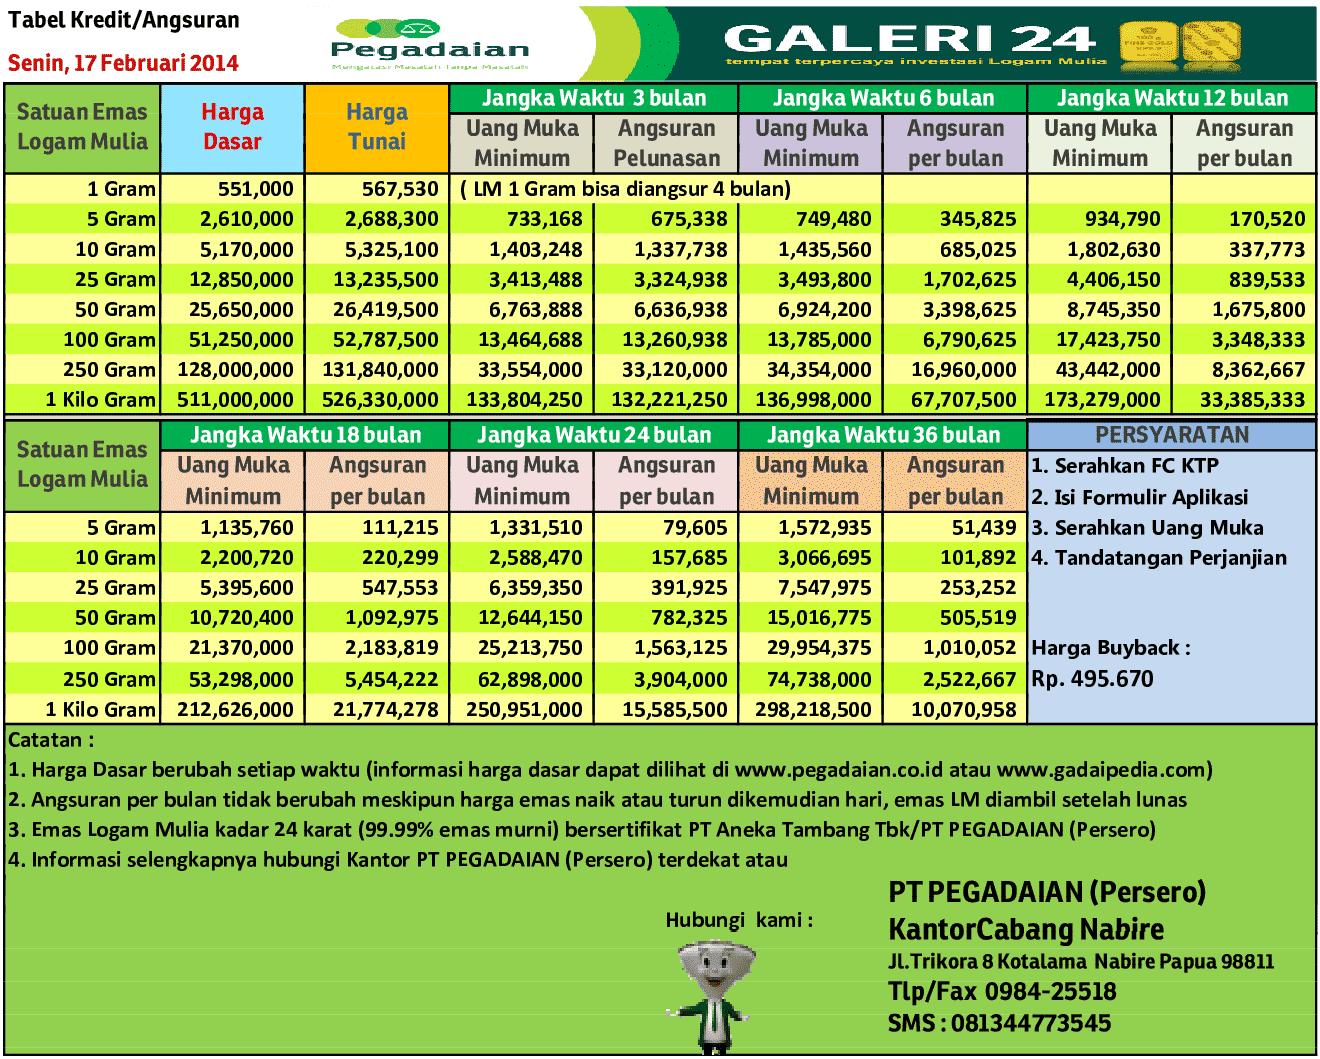 harga emas dan tabel kredit emas pegadaian 17 februari 2014